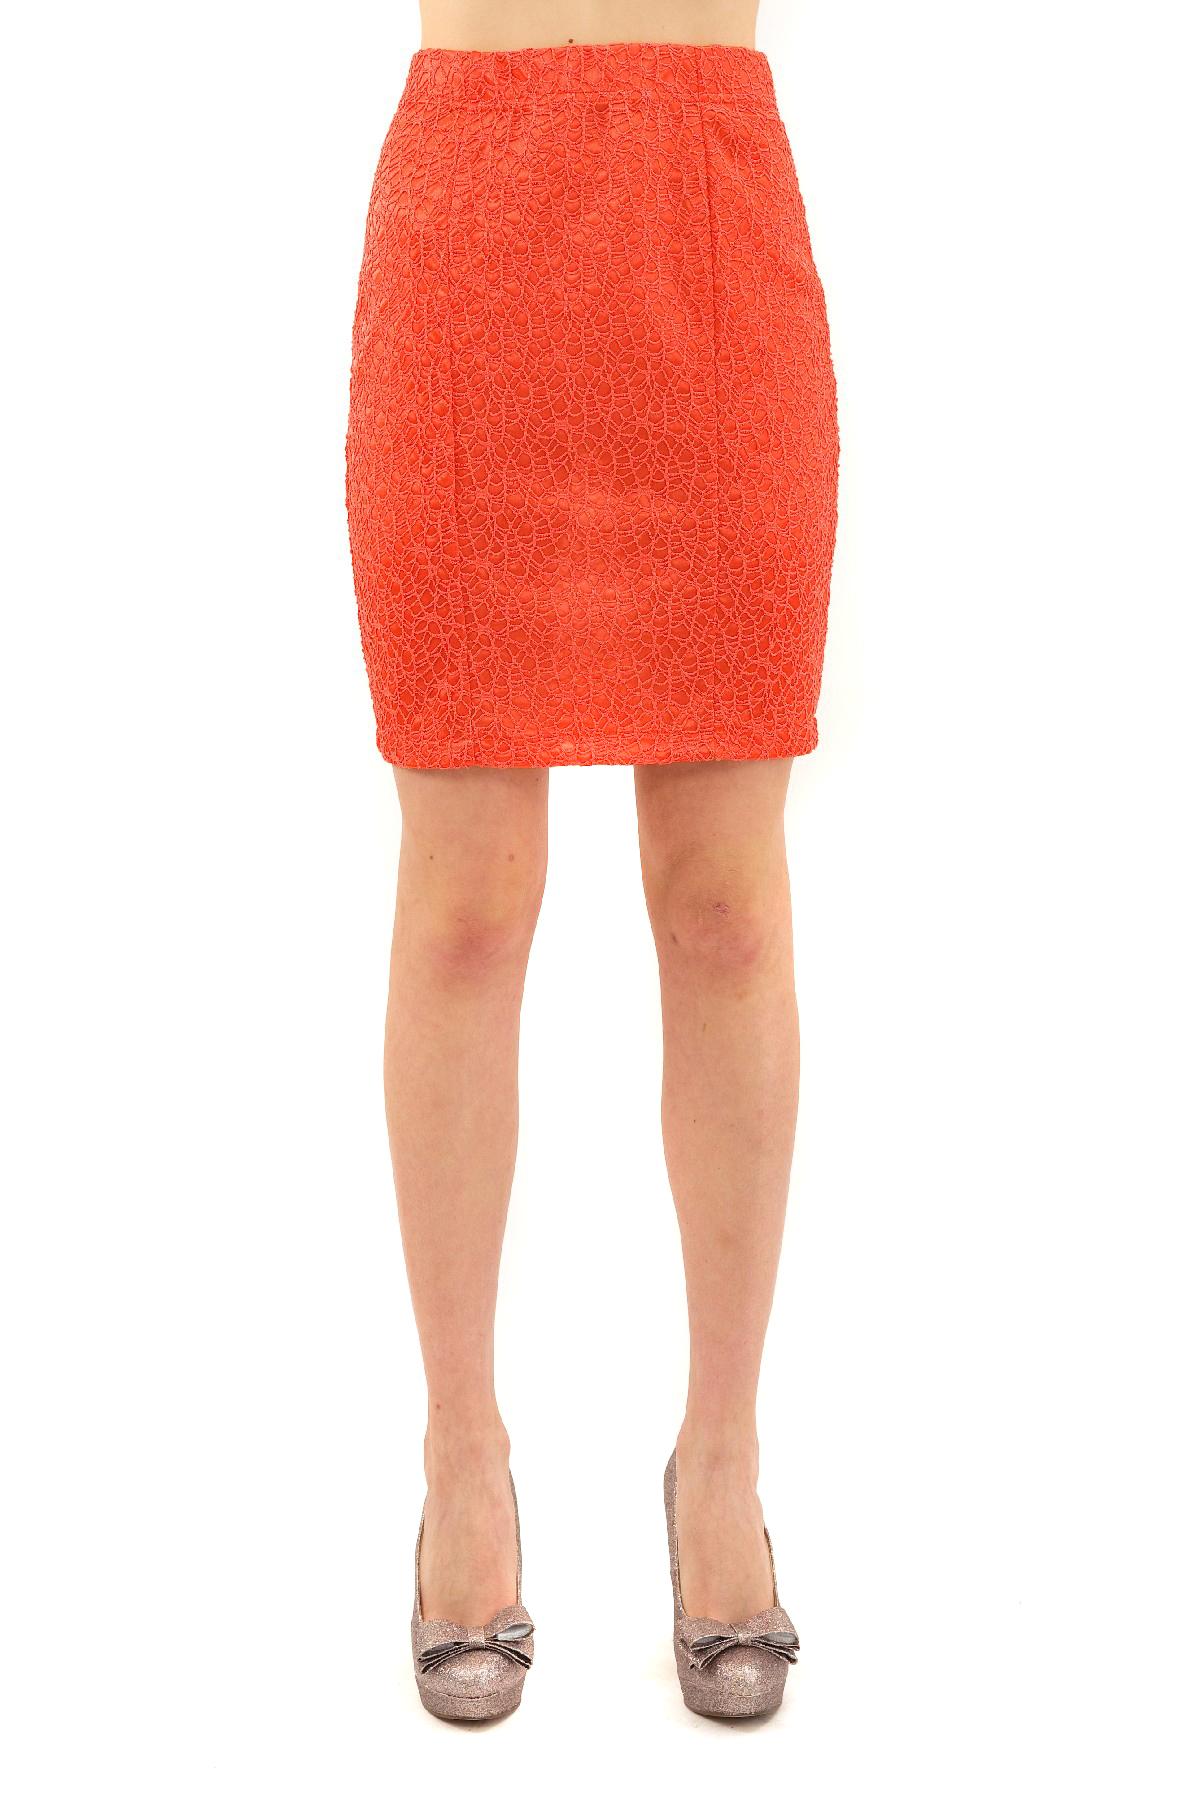 ЮбкаЖенские юбки и брюки<br>Прекрасная юбка актуальной длины , выполненная из высококачественного материала, дарит комфорт и уверенность движений. Отличный вариант для женского гардероба.<br><br>Цвет: коралловый<br>Состав: 100 % полиэстер<br>Размер: 42,44,46,48<br>Страна дизайна: Россия<br>Страна производства: Россия